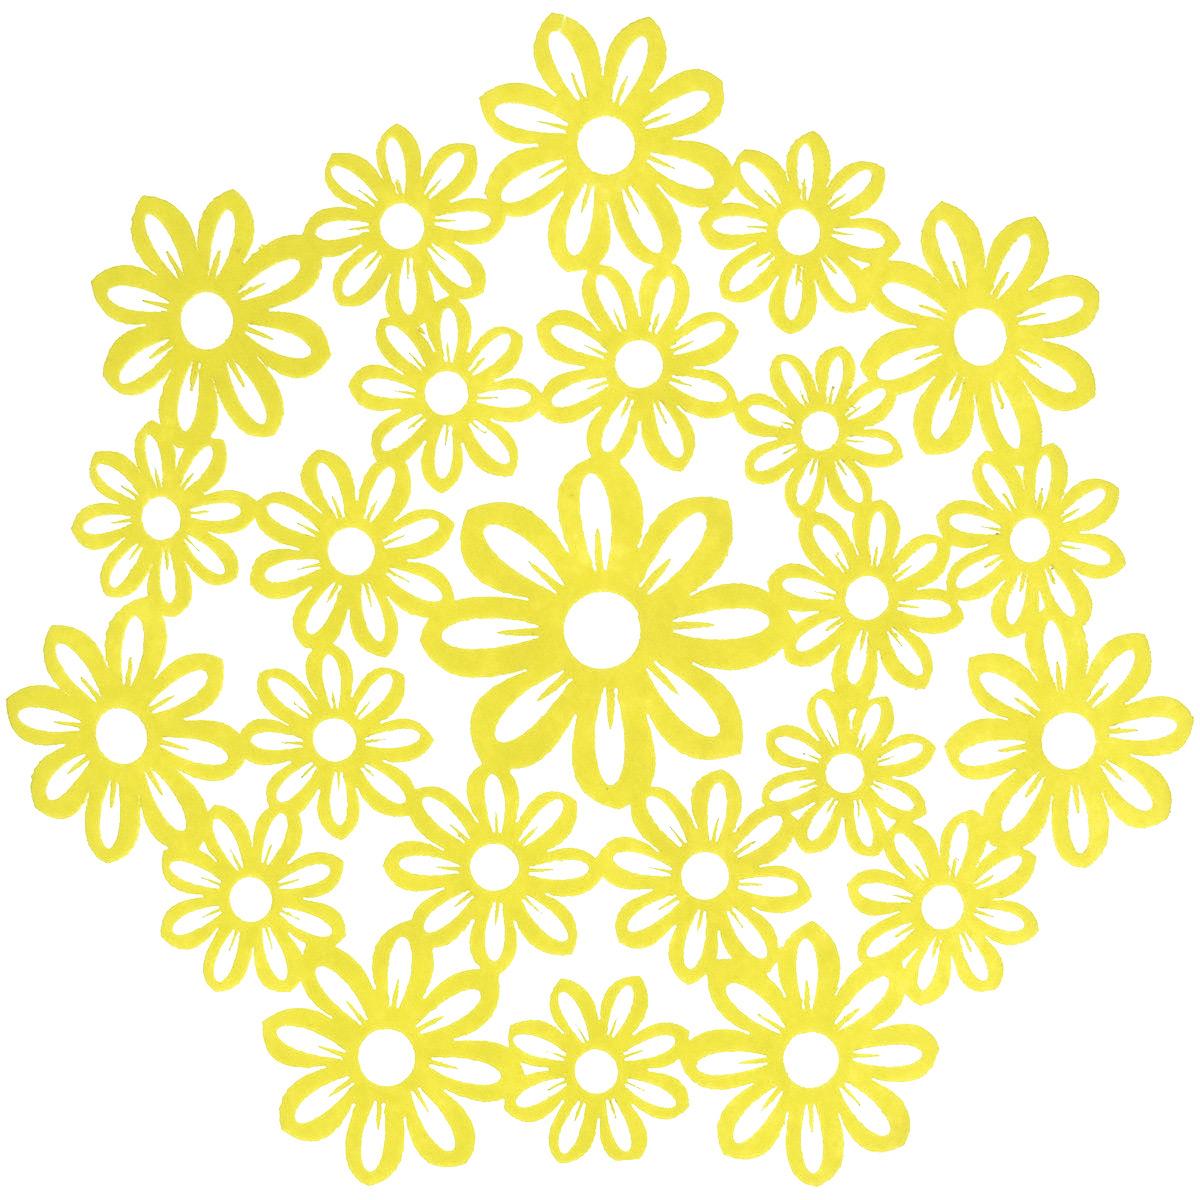 Салфетка Home Queen Незабудки, цвет: желтый, диаметр 28 см66840_1Круглая салфетка Home Queen Незабудки выполнена из фетра и оснащена красивой перфорацией в виде цветов. Вы можете использовать салфетку для декорирования стола, комода, журнального столика. В любом случае она добавит в ваш дом стиля, изысканности и неповторимости и убережет мебель от царапин и потертостей. Диаметр салфетки: 28 см.